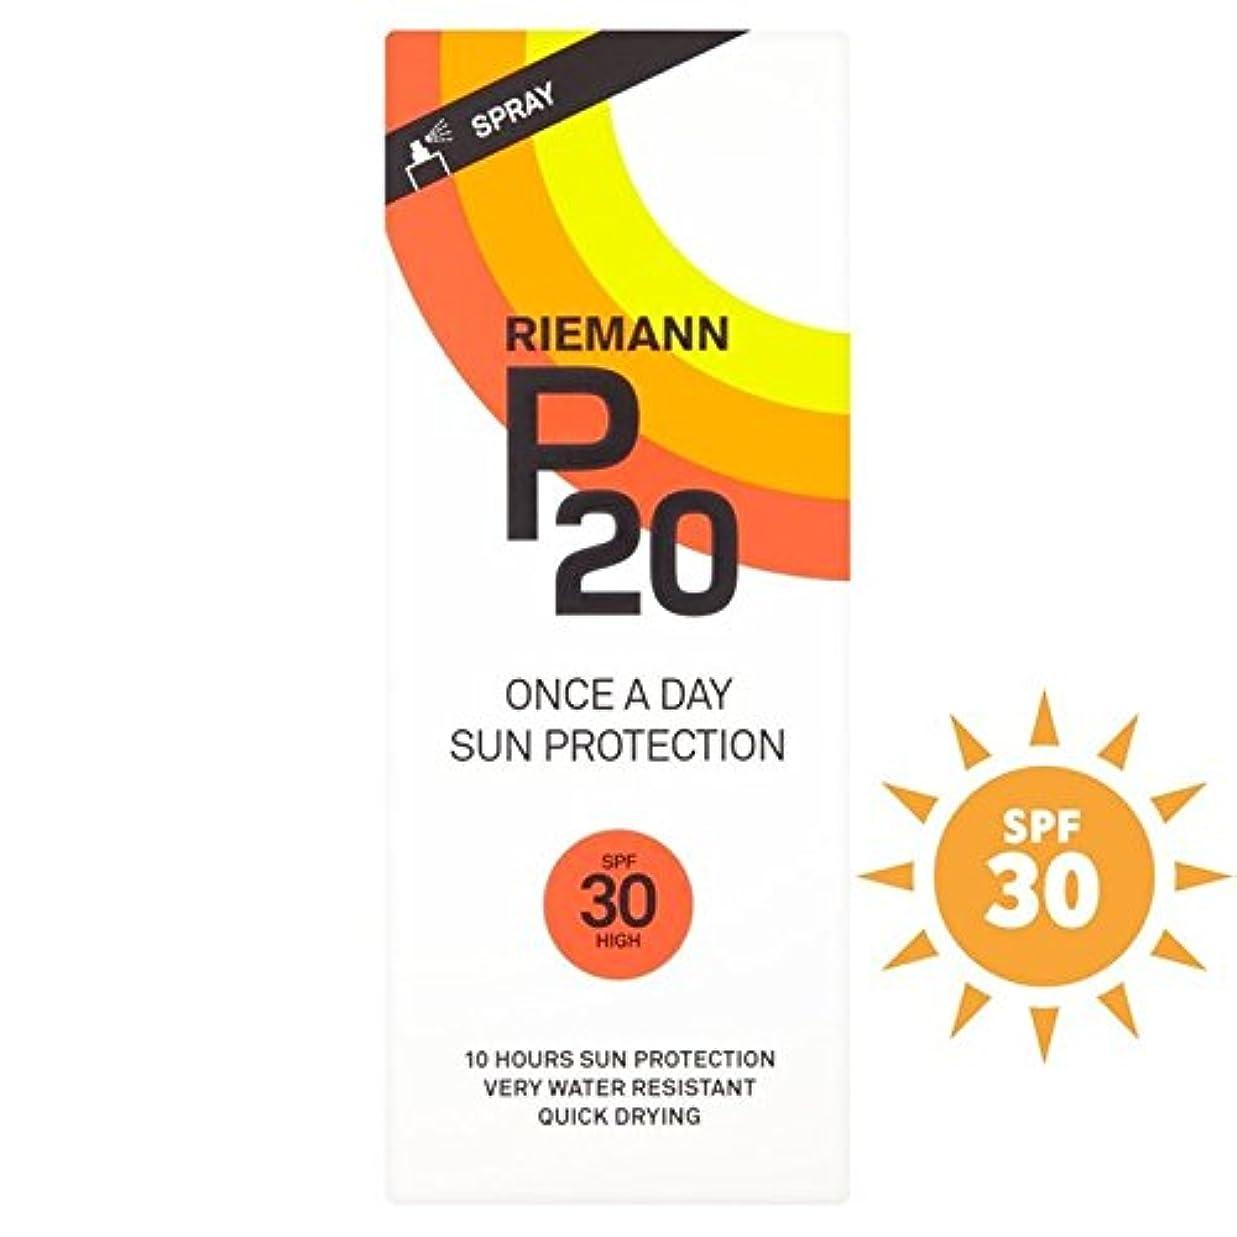 酔っ払い助言するライナーリーマン20 30 1日/ 10時間の保護200ミリリットル x2 - Riemann P20 SPF30 1 Day/10 Hour Protection 200ml (Pack of 2) [並行輸入品]